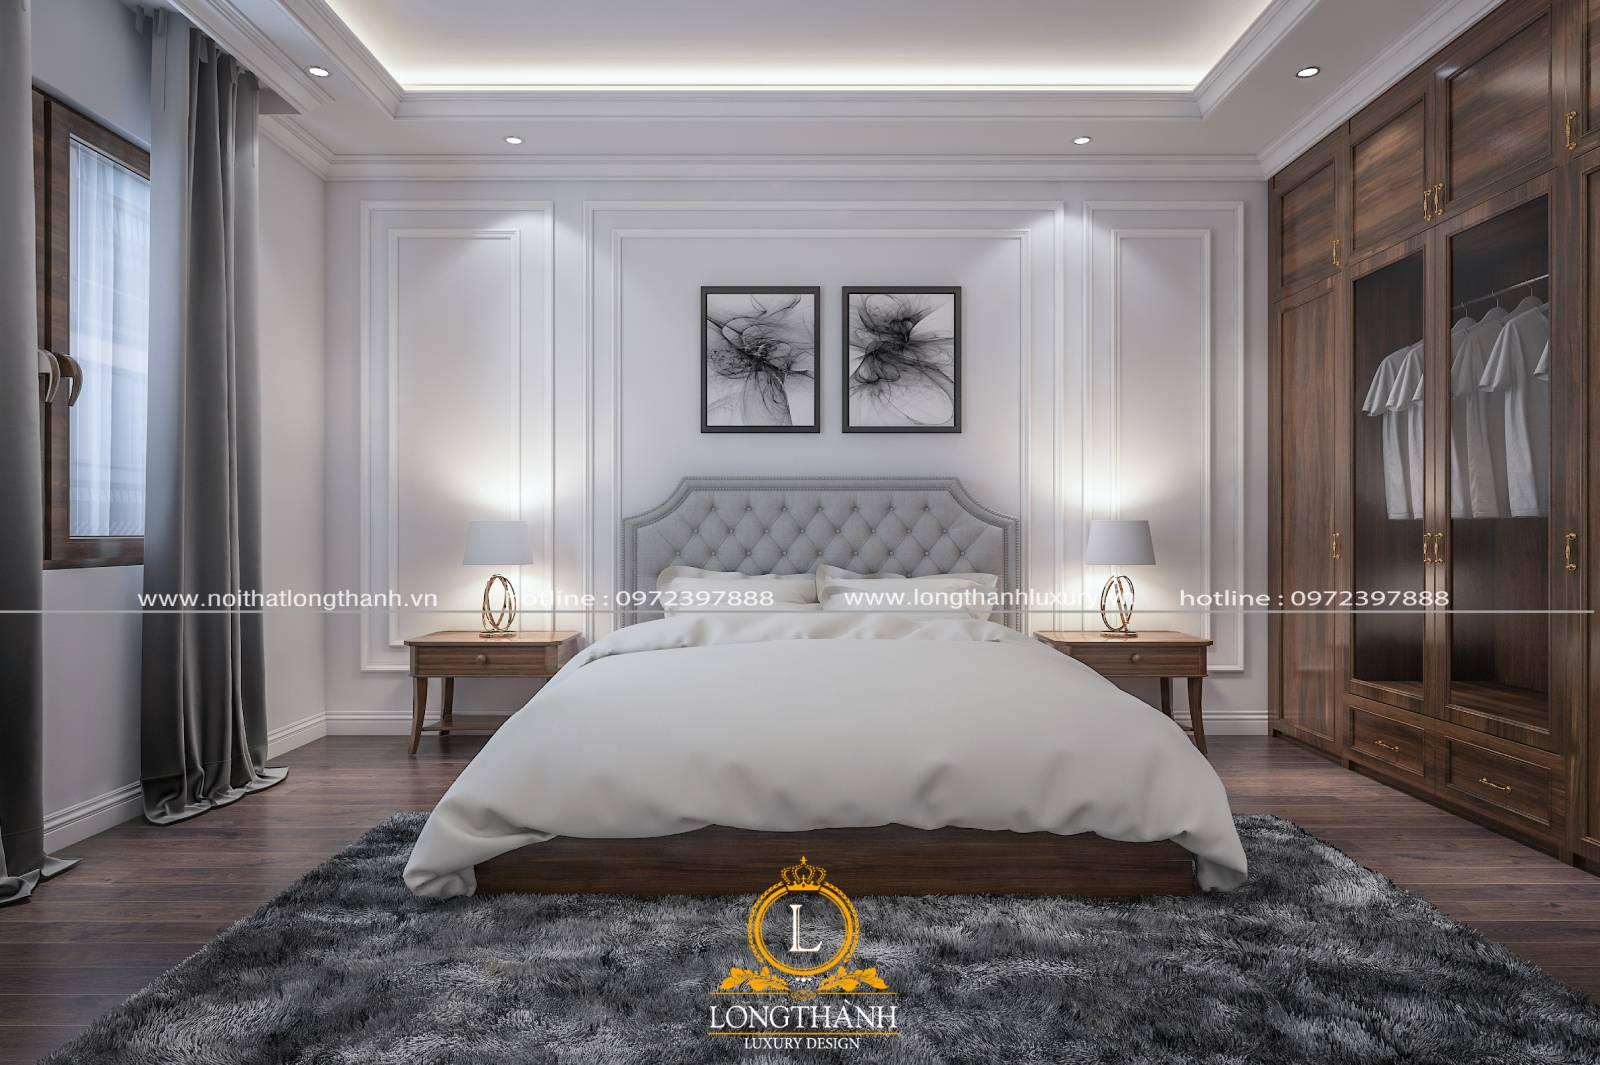 Bộ giường tủ tân cổ điển đồng điệu về mà sắc chất liệu